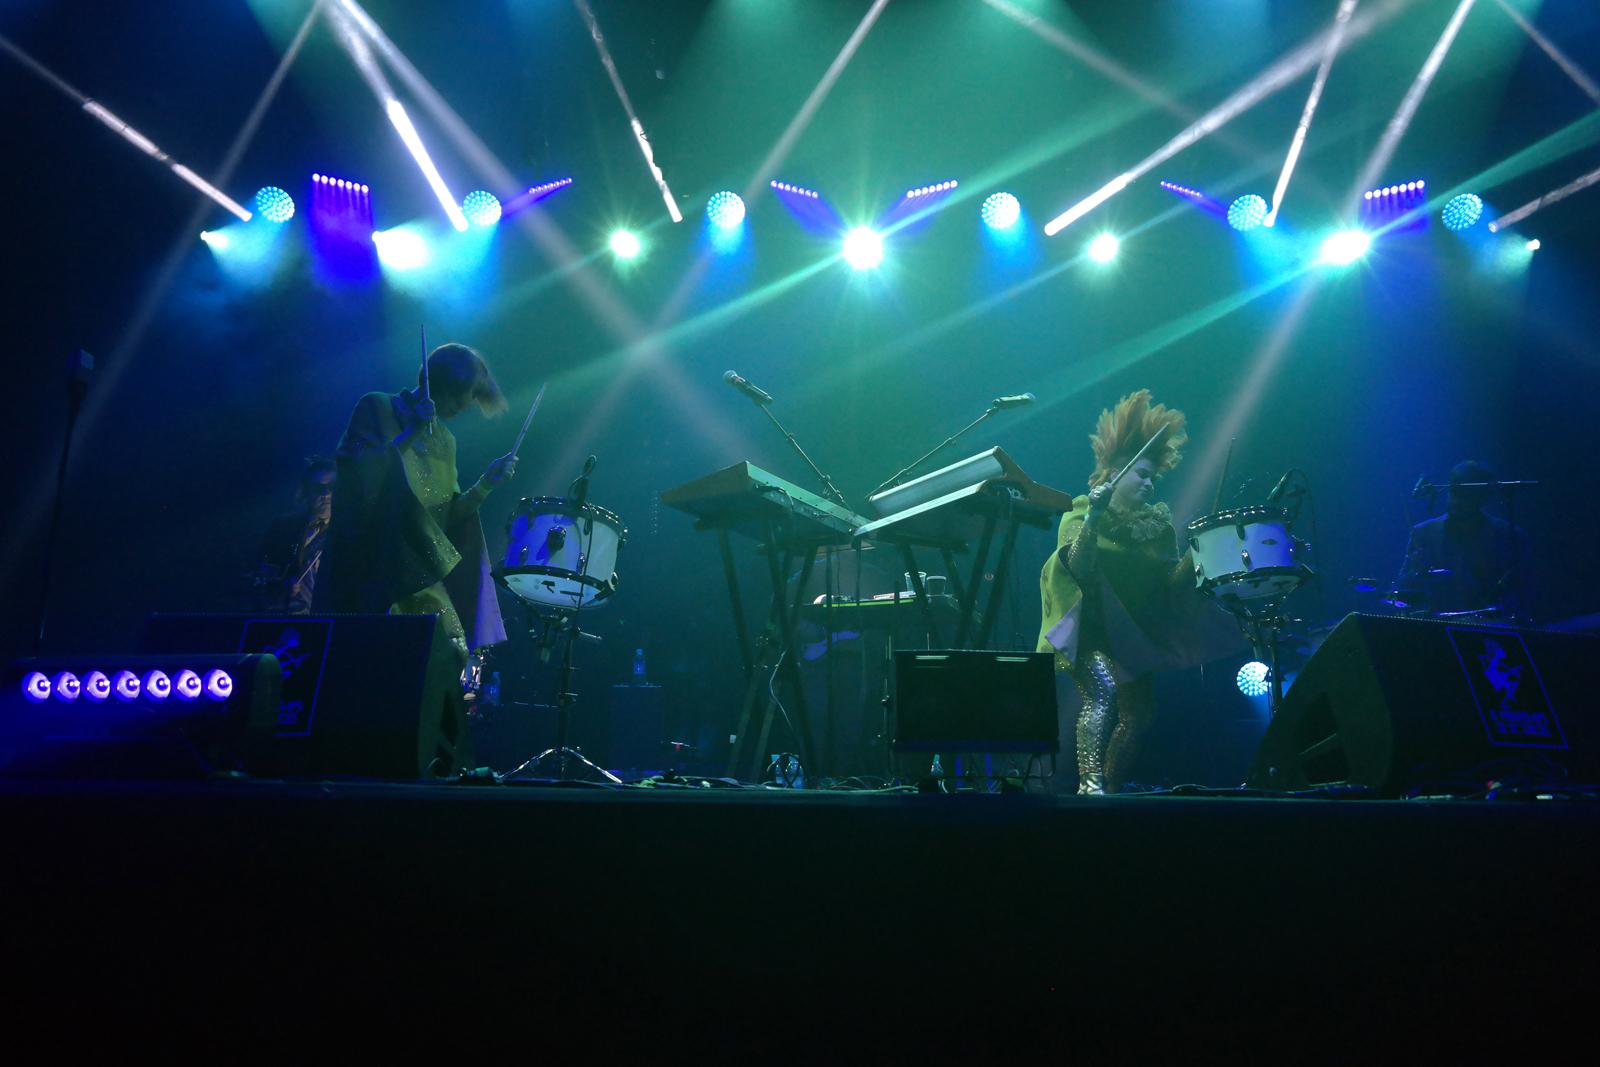 Lucius music band live concert Printemps de Bourges 2016 festival musique music stage photo usofparis blog